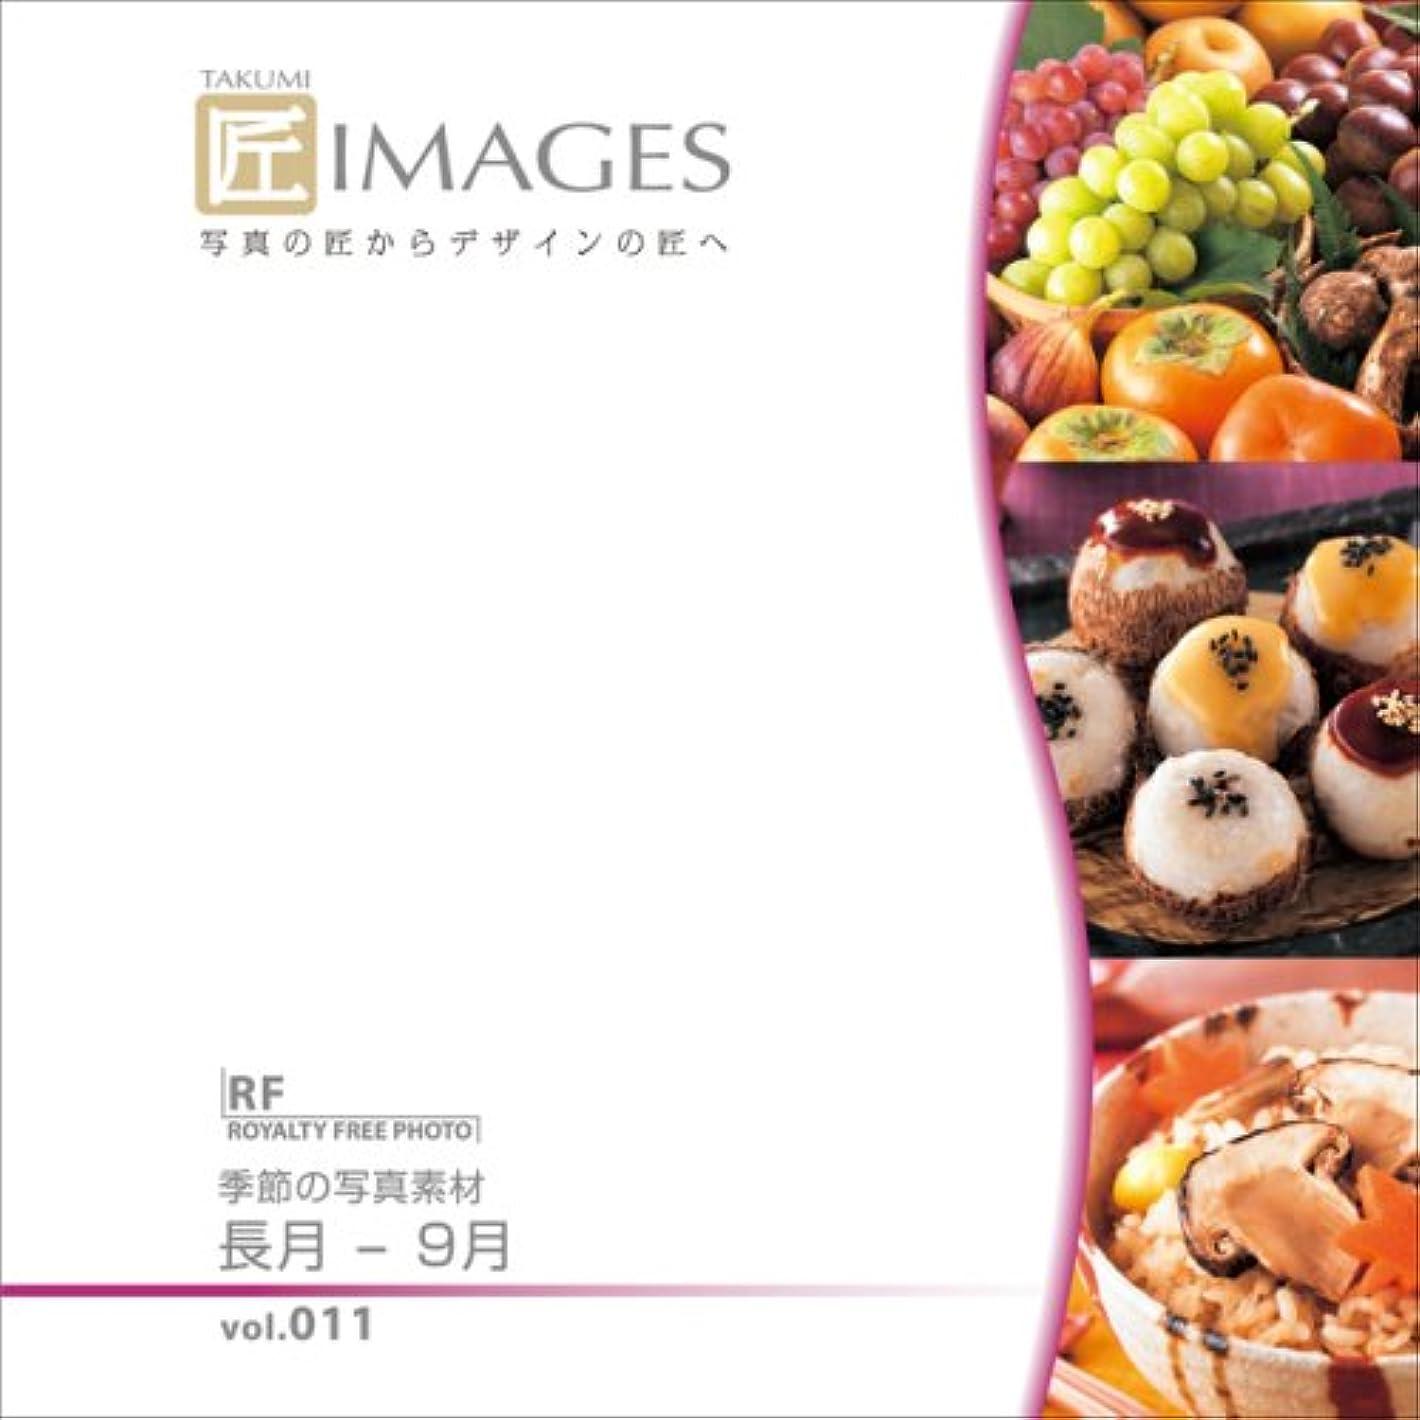 アトミック典型的な上げる匠IMAGES Vol.011 長月-9月